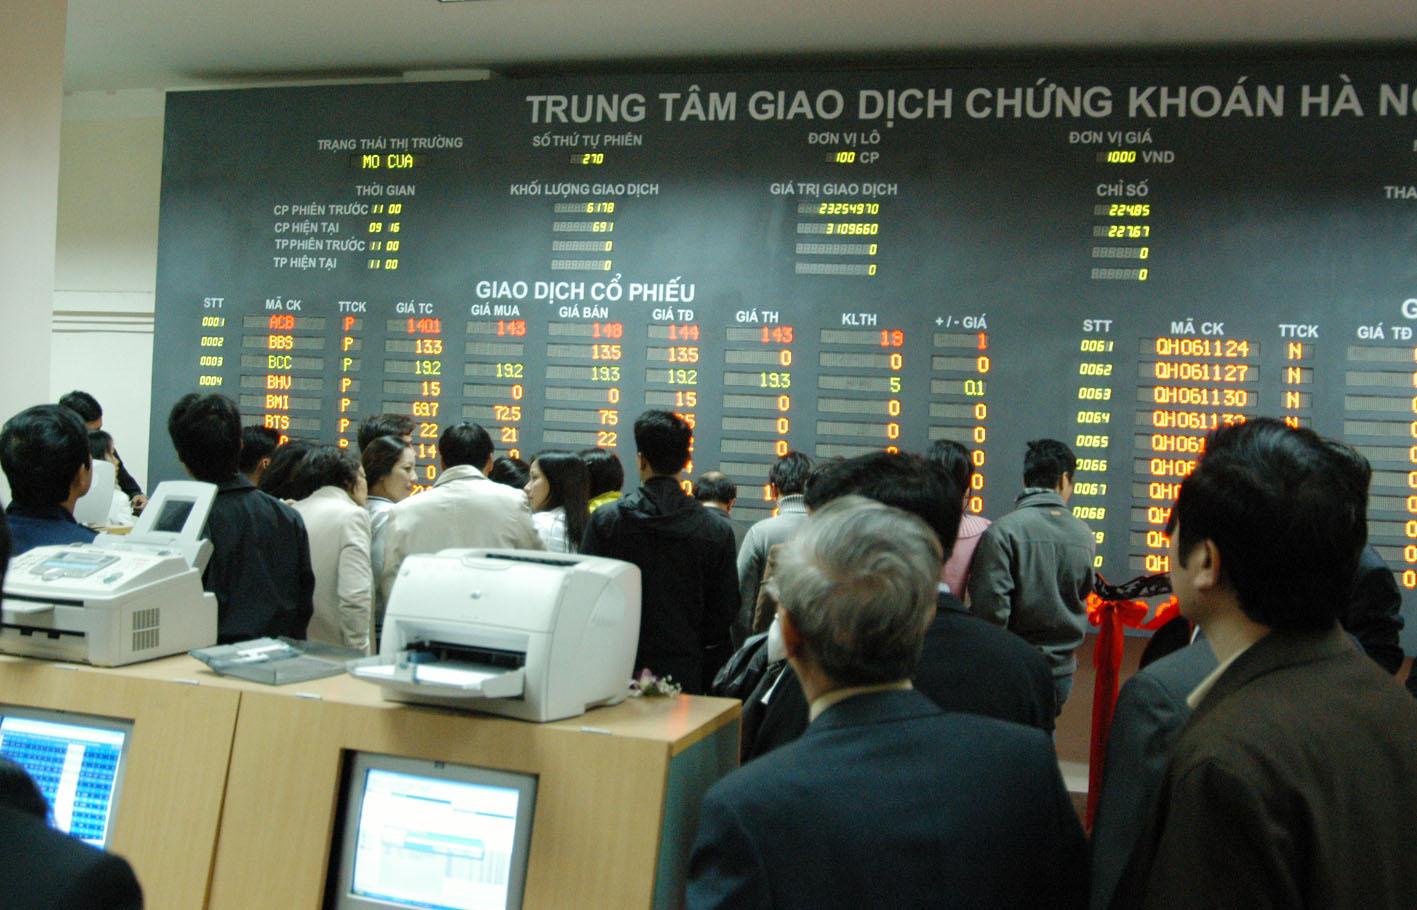 Bóng ma tin đồn trên thị trường chứng khoán